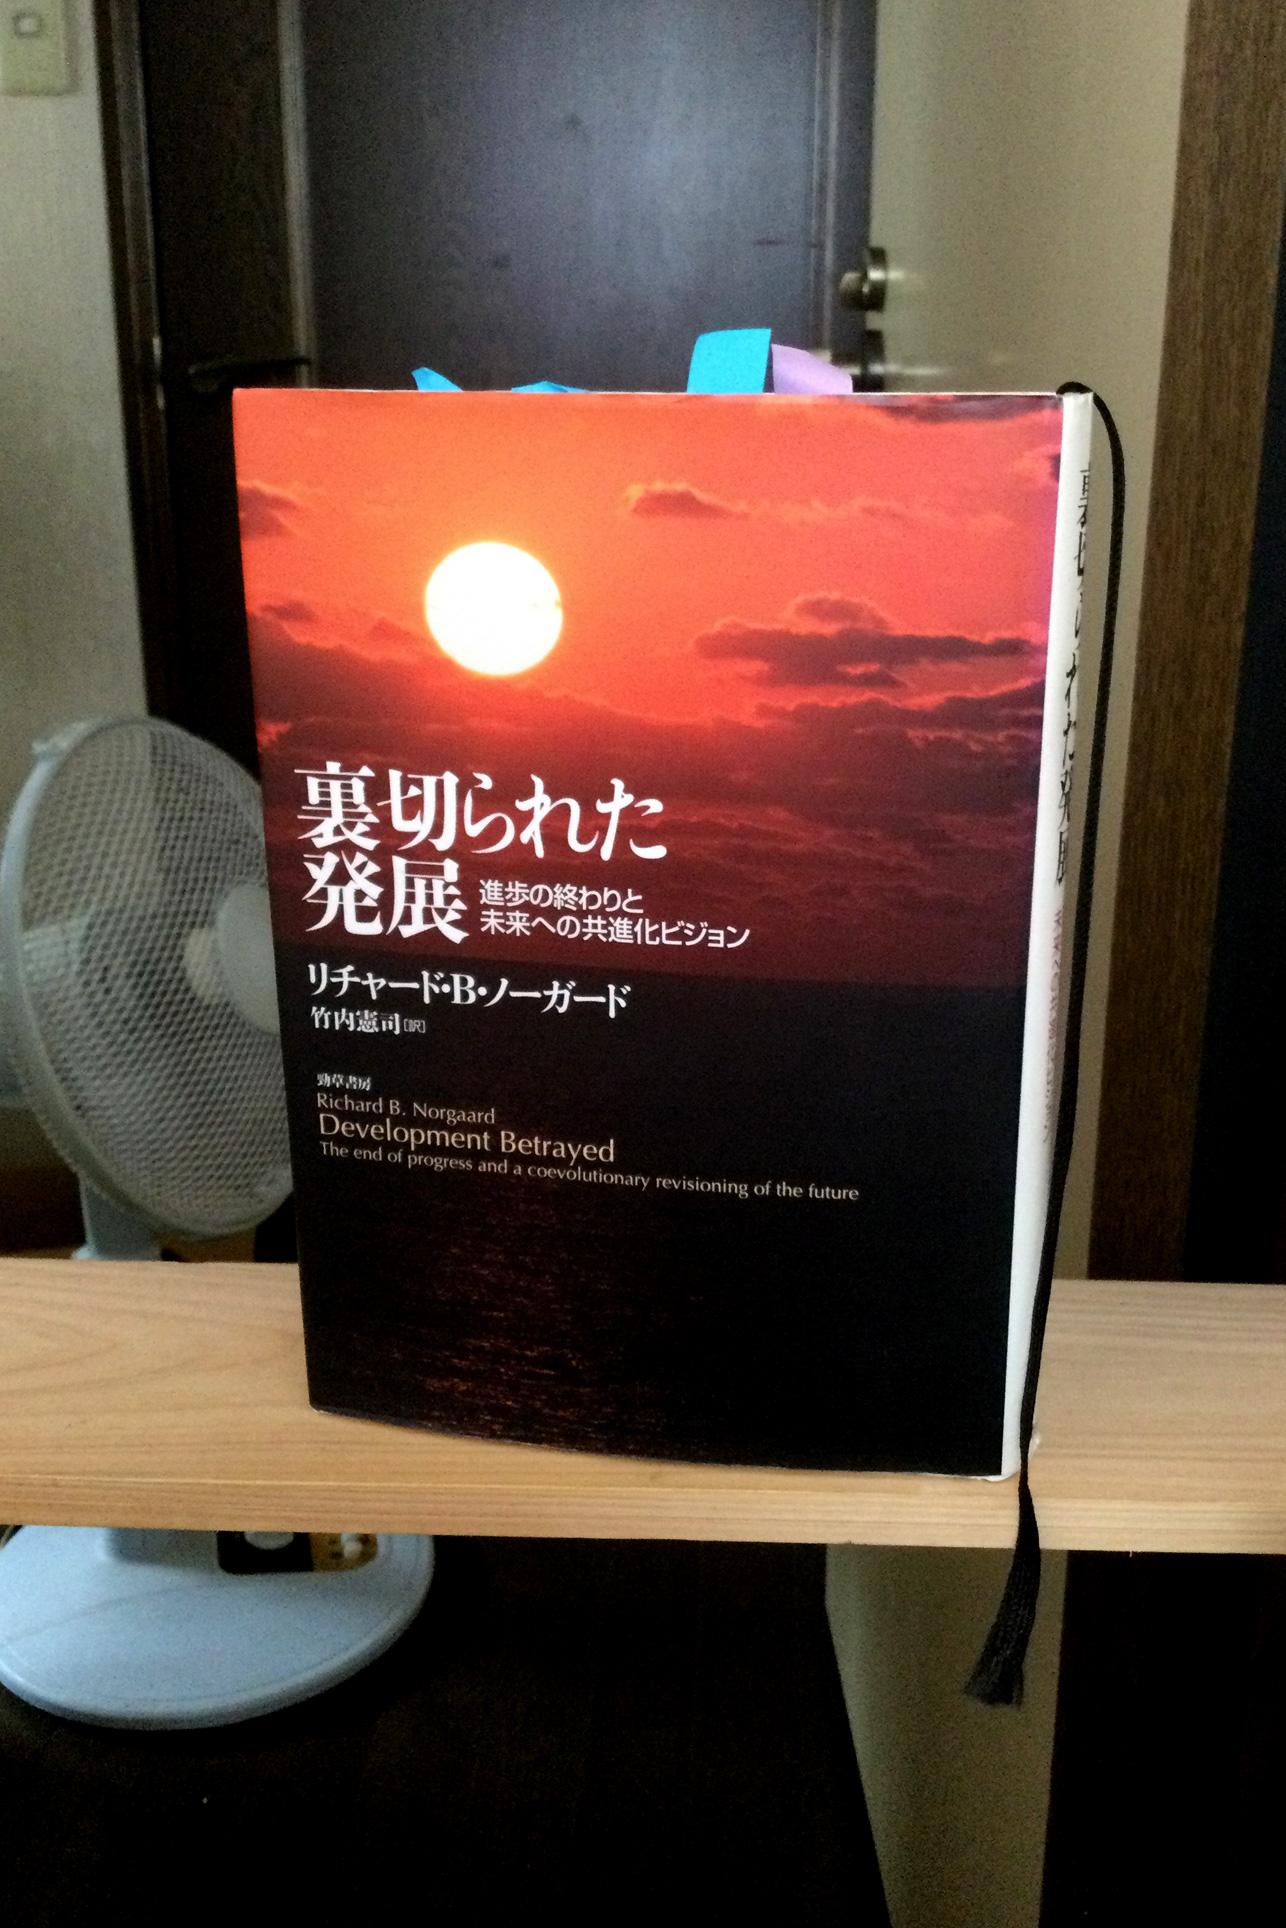 書籍裏切られた発展―進歩の終わりと未来への共進化ビジョン(リチャード・B. ノーガード  (著), Richard B. Norgaard (原著), 竹内 憲司 (翻訳)/勁草書房)」の表紙画像